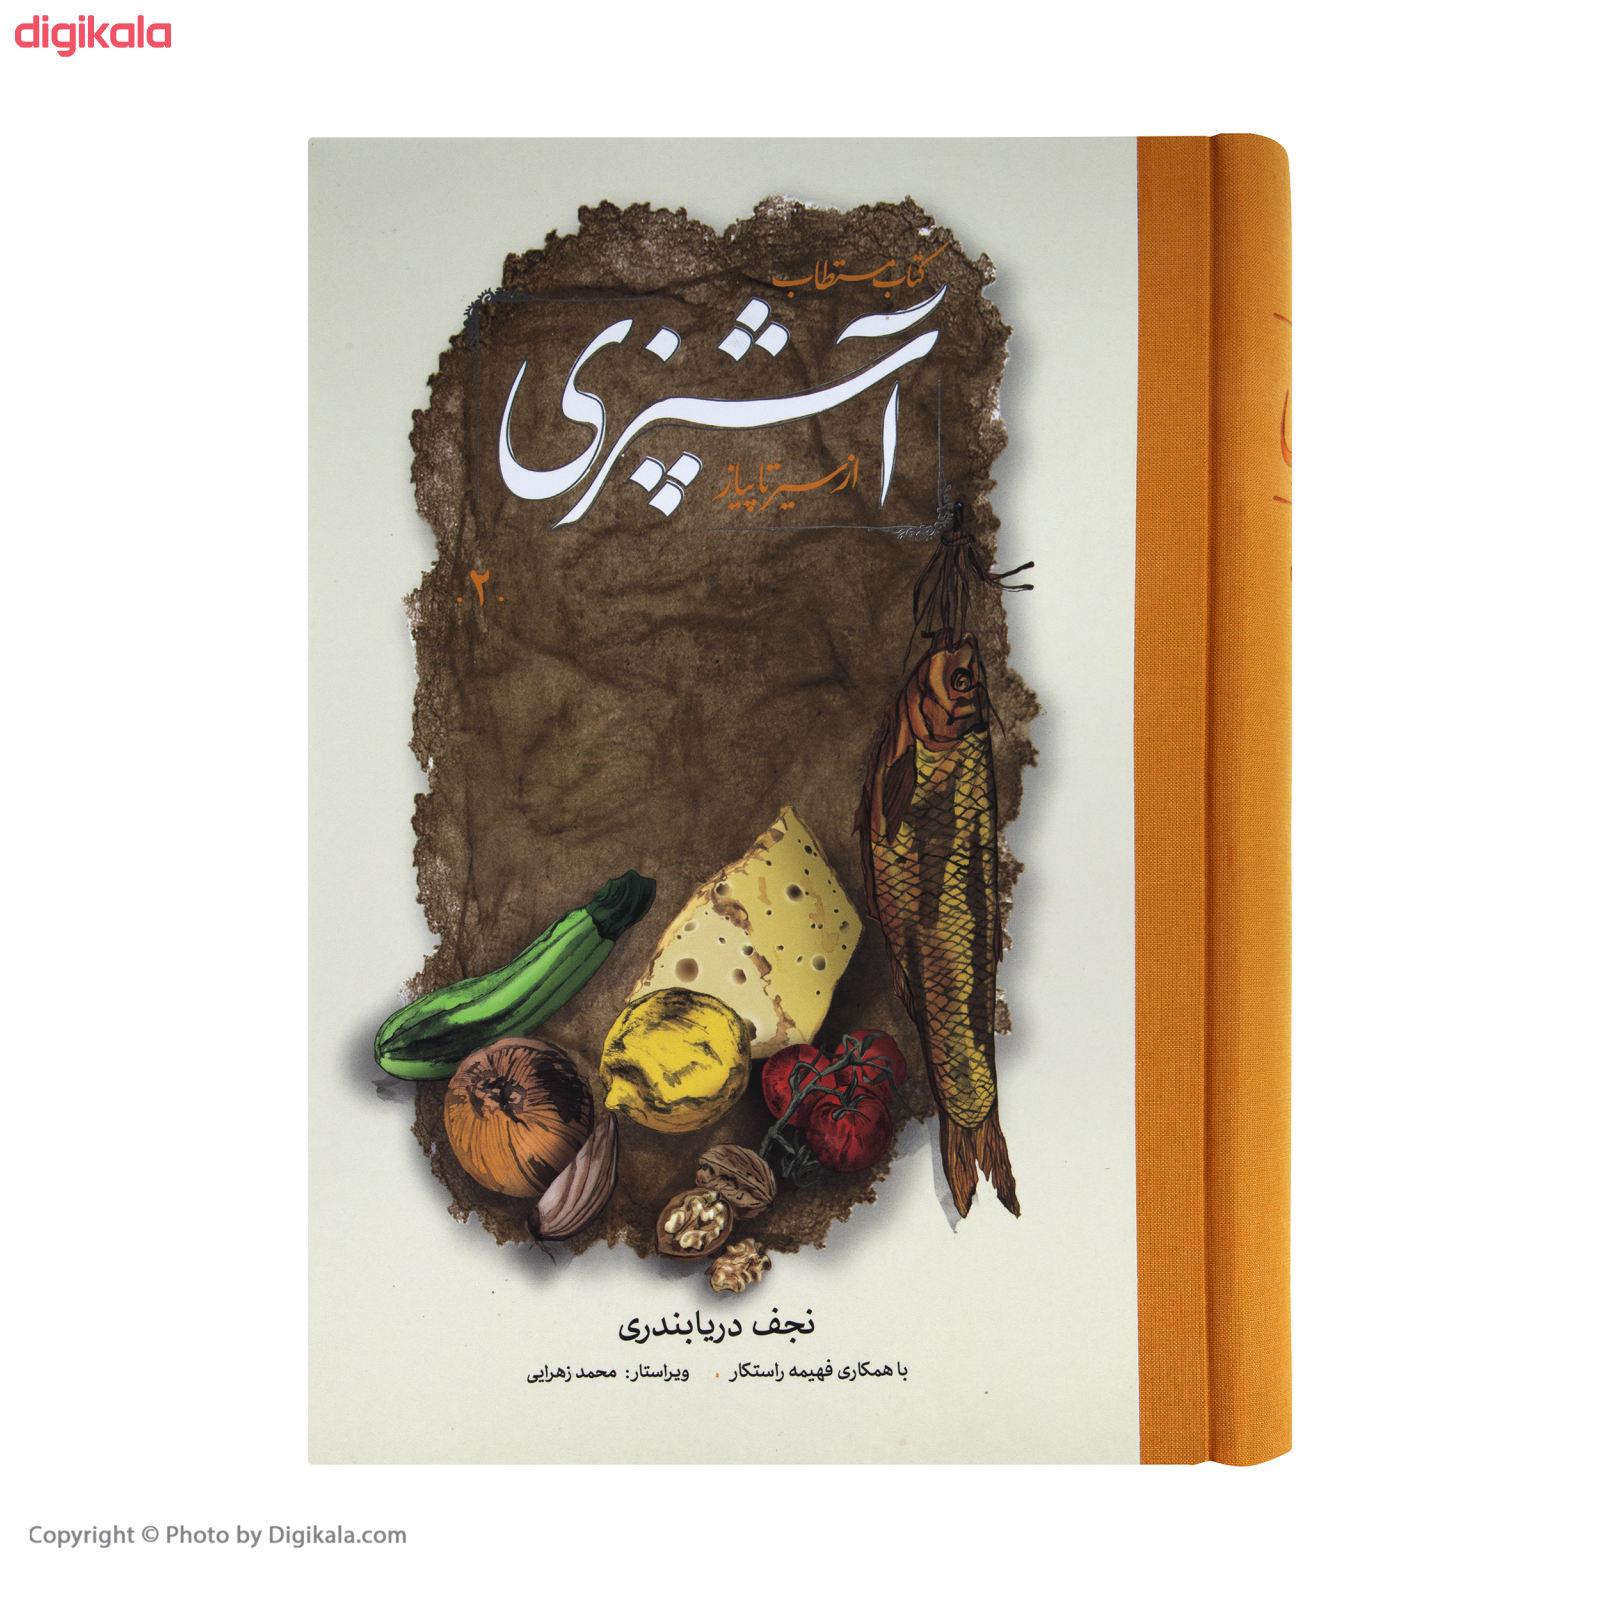 کتاب مستطاب آشپزی از سیر تا پیاز اثر نجف دریابندری دو جلدی main 1 7